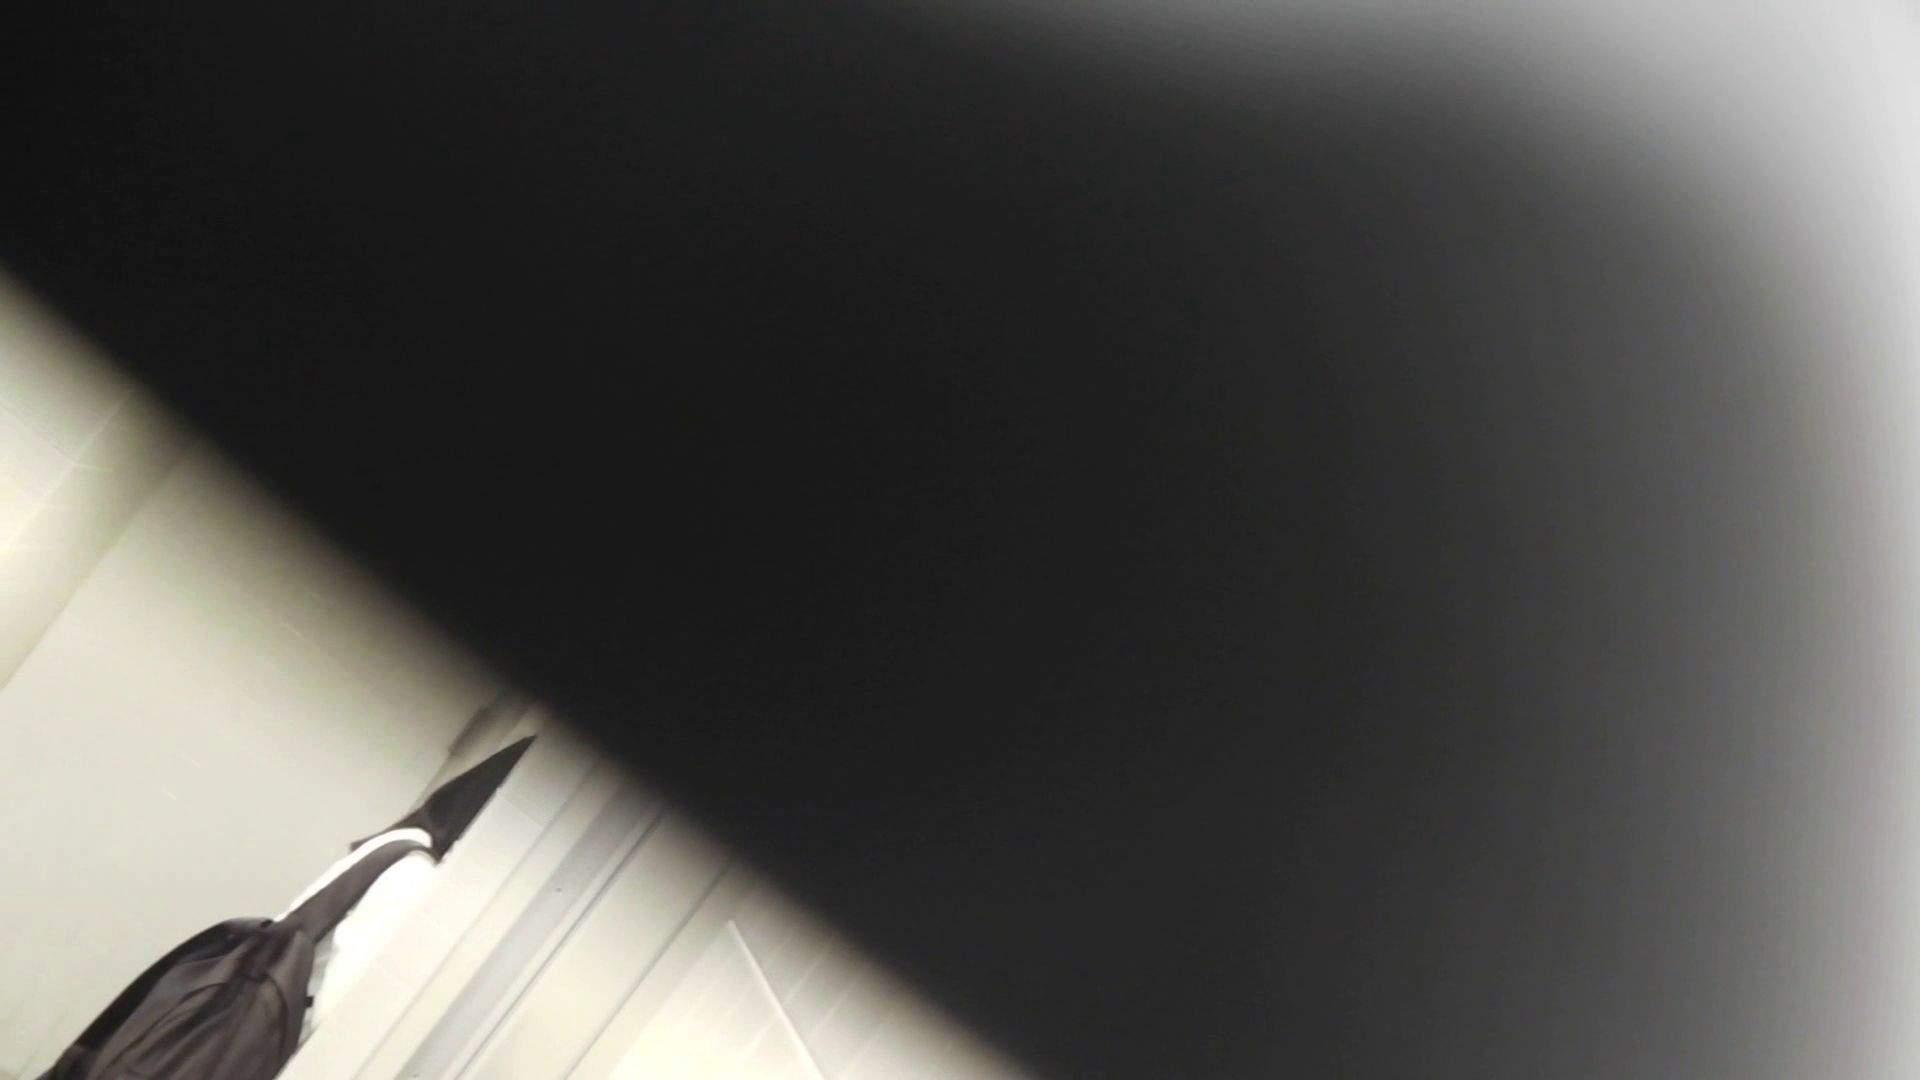 vol.21 命がけ潜伏洗面所! ナイスな和式バックショット 和式トイレ | 美しいOLの裸体  102pic 85